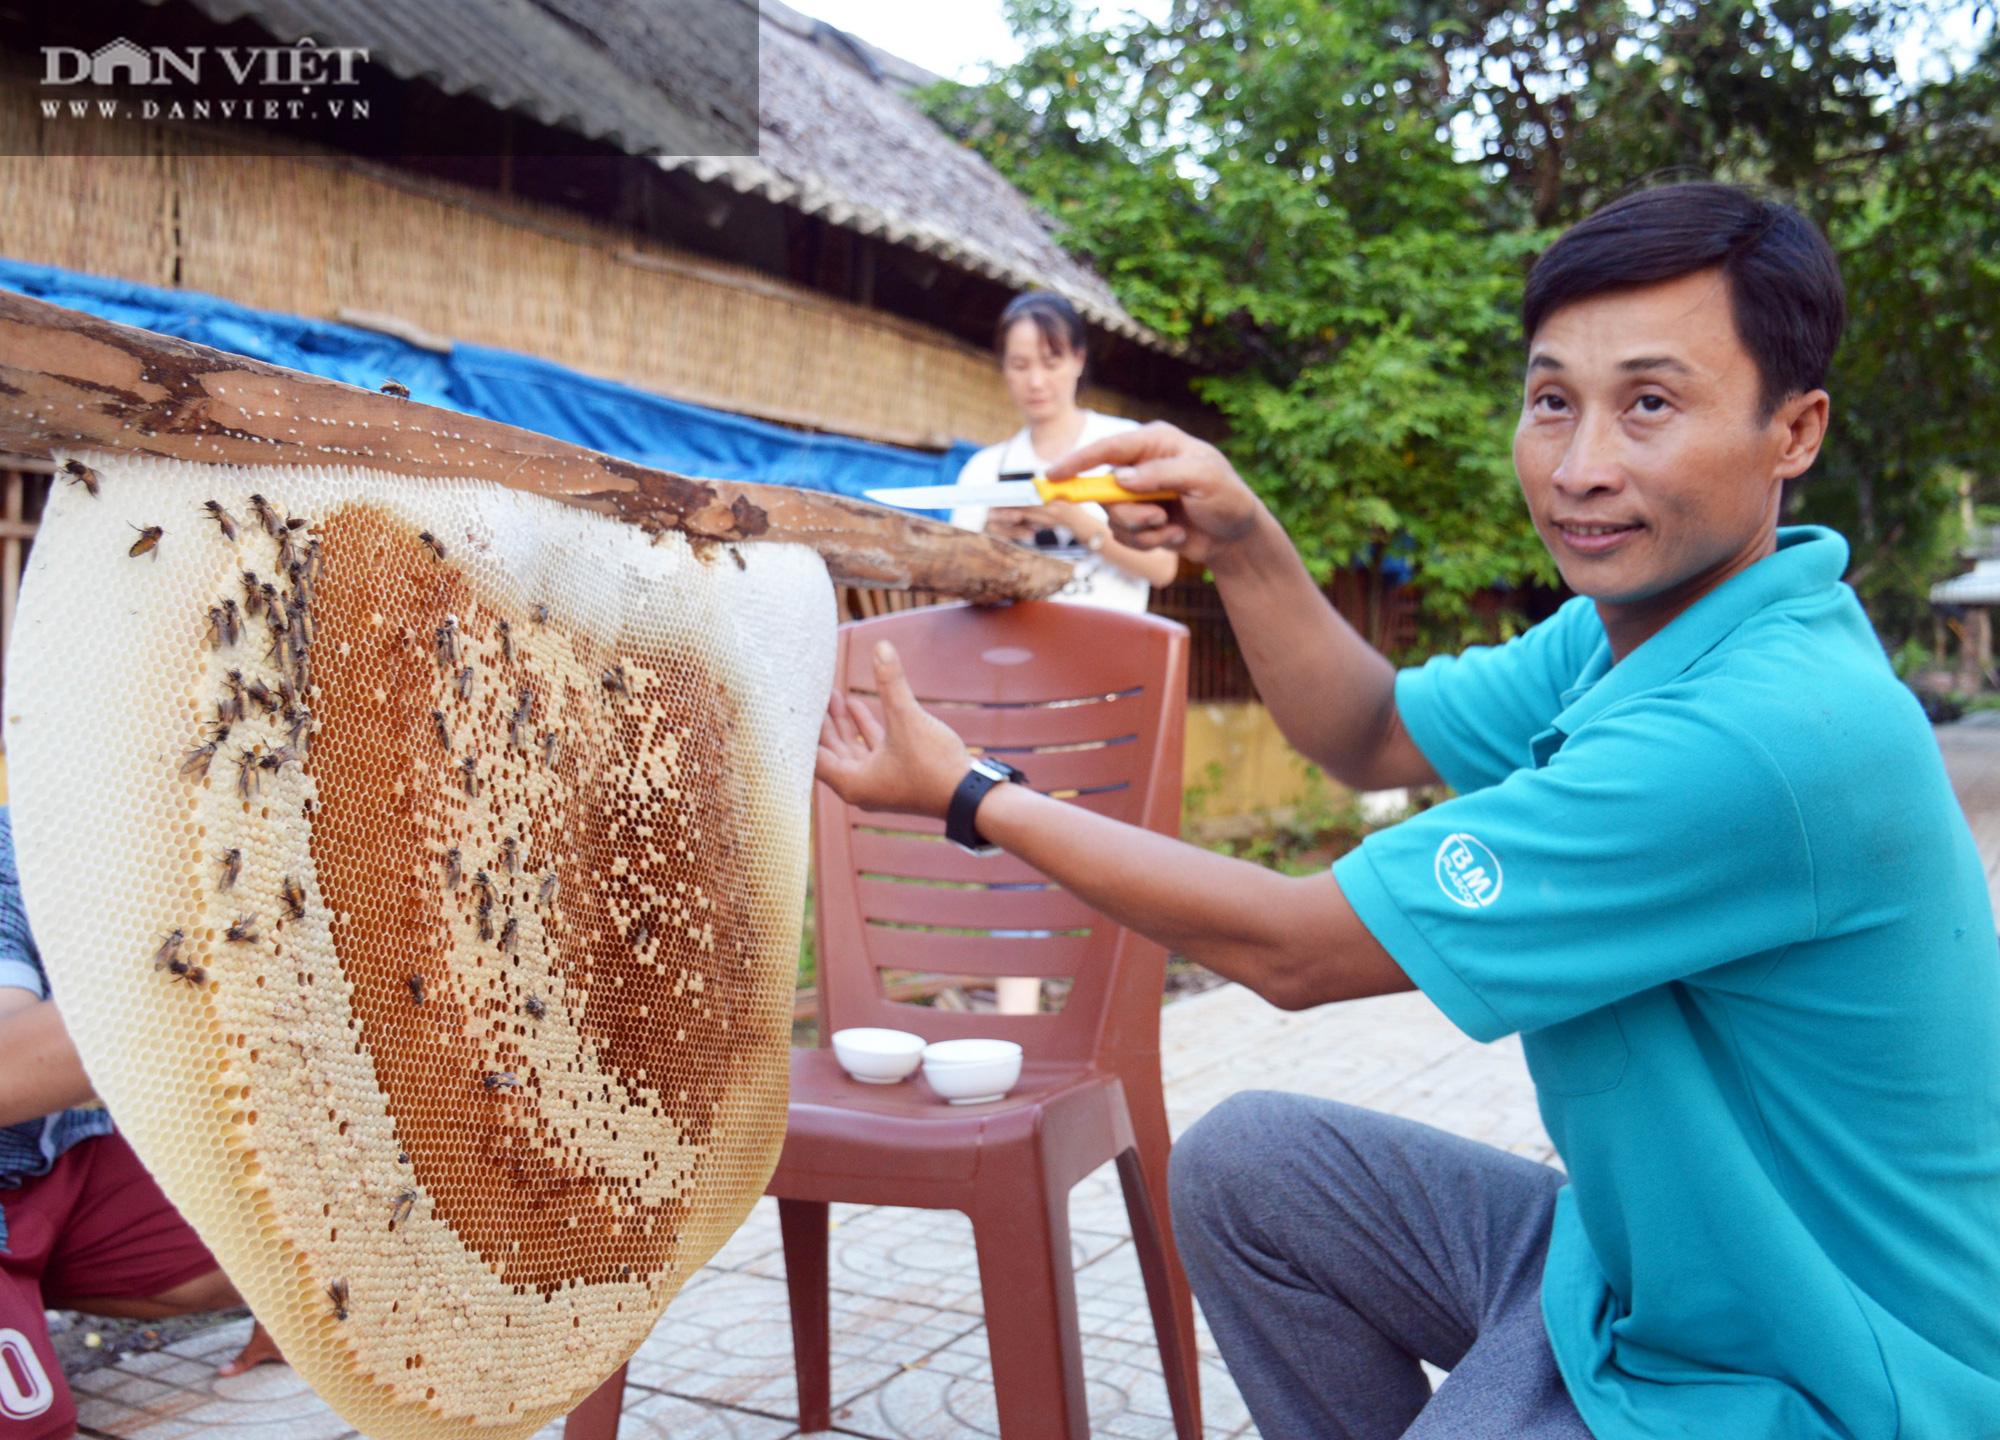 Về U Minh Hạ, lội rừng ăn ong lấy mật, thưởng thức vô số đặc sản trứ danh - Ảnh 11.